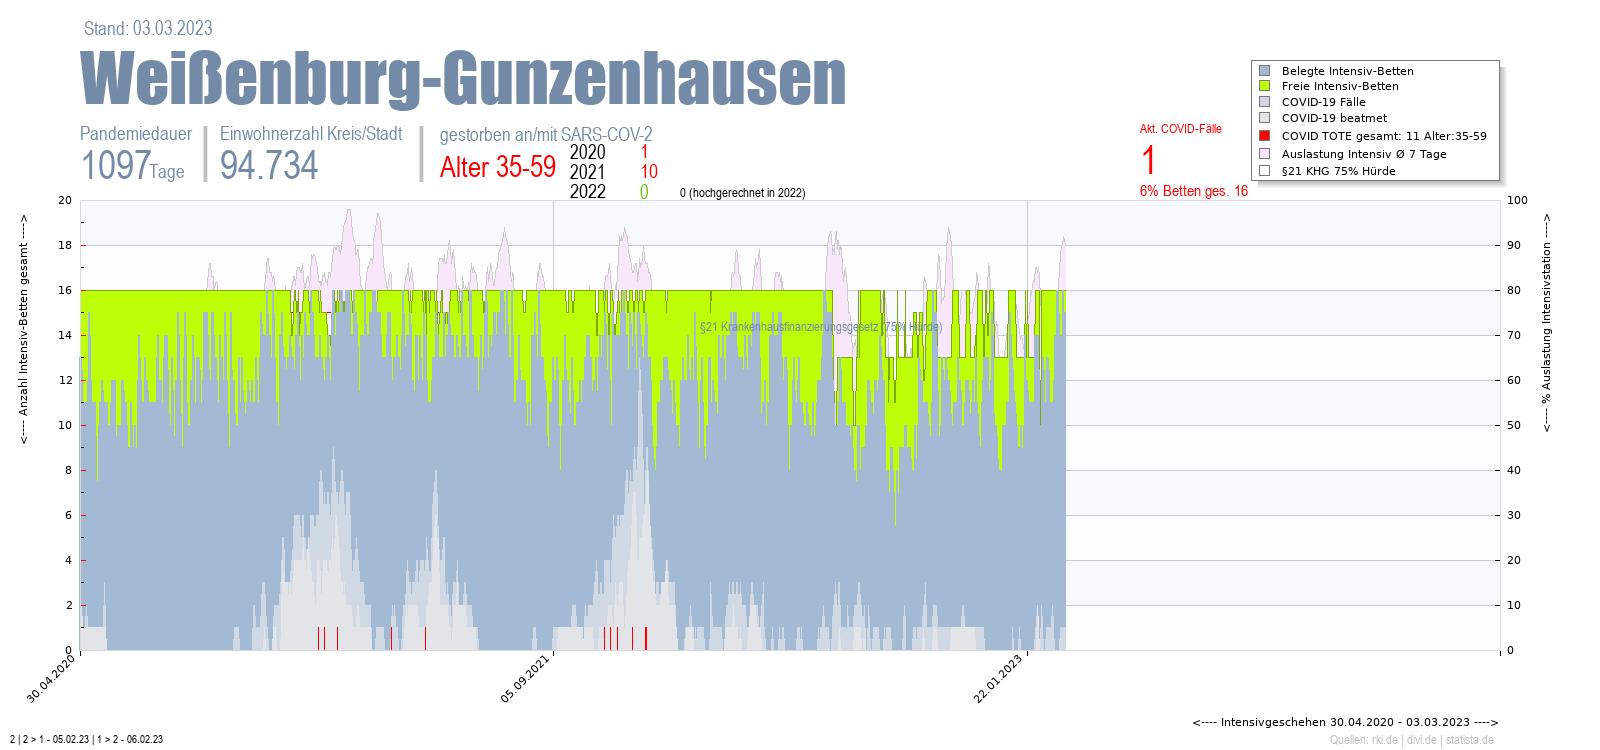 Intensivstation Auslastung Weißenburg-Gunzenhausen Alter 0-4